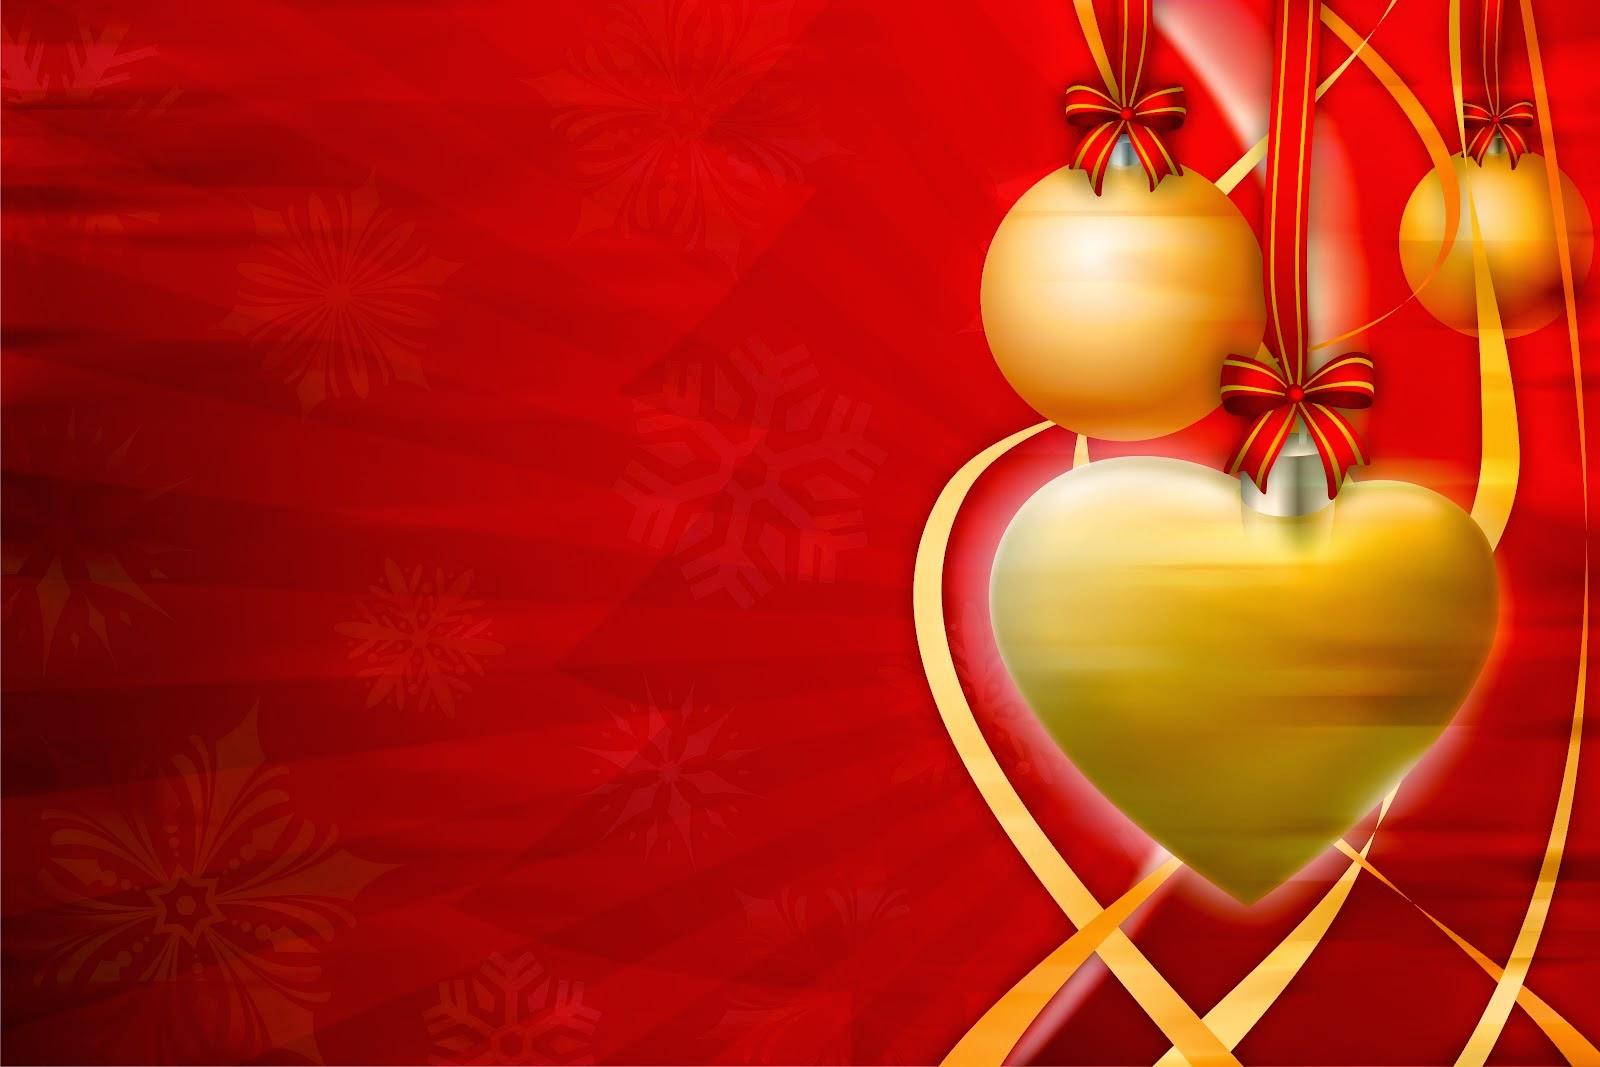 Fondos Navidad Animados: ® Colección De Gifs ®: FONDOS DE PANTALLA DE NAVIDAD